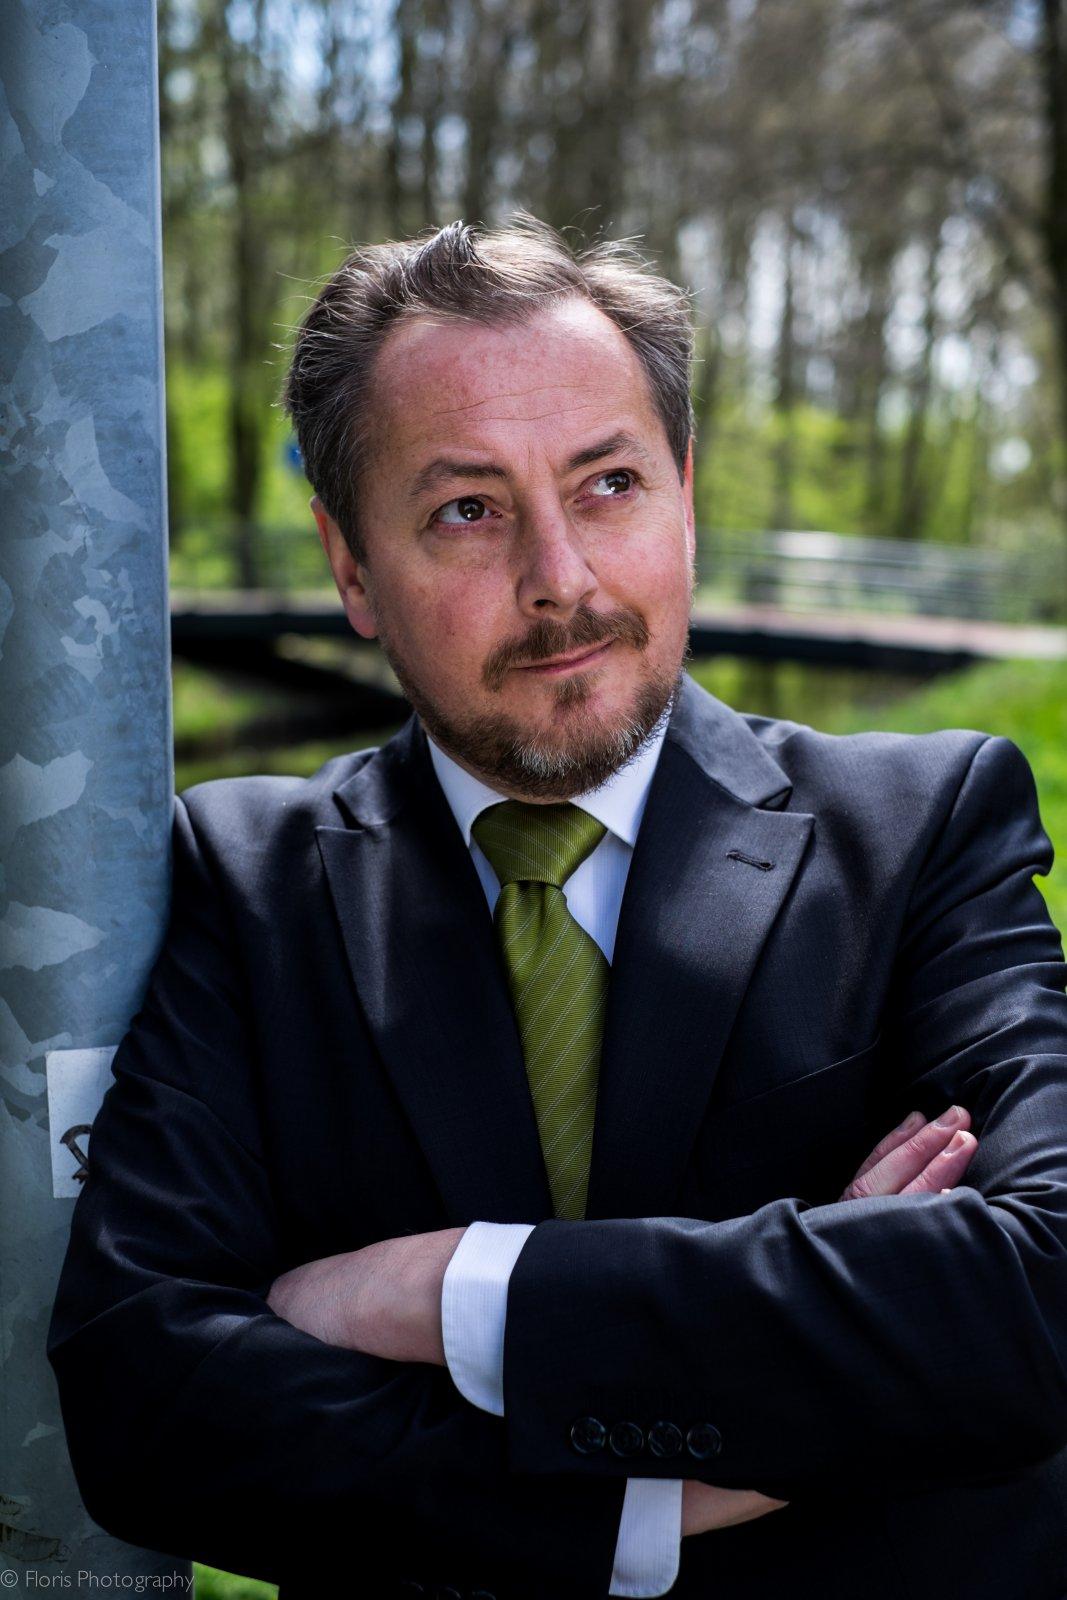 Gijs Vennix 34